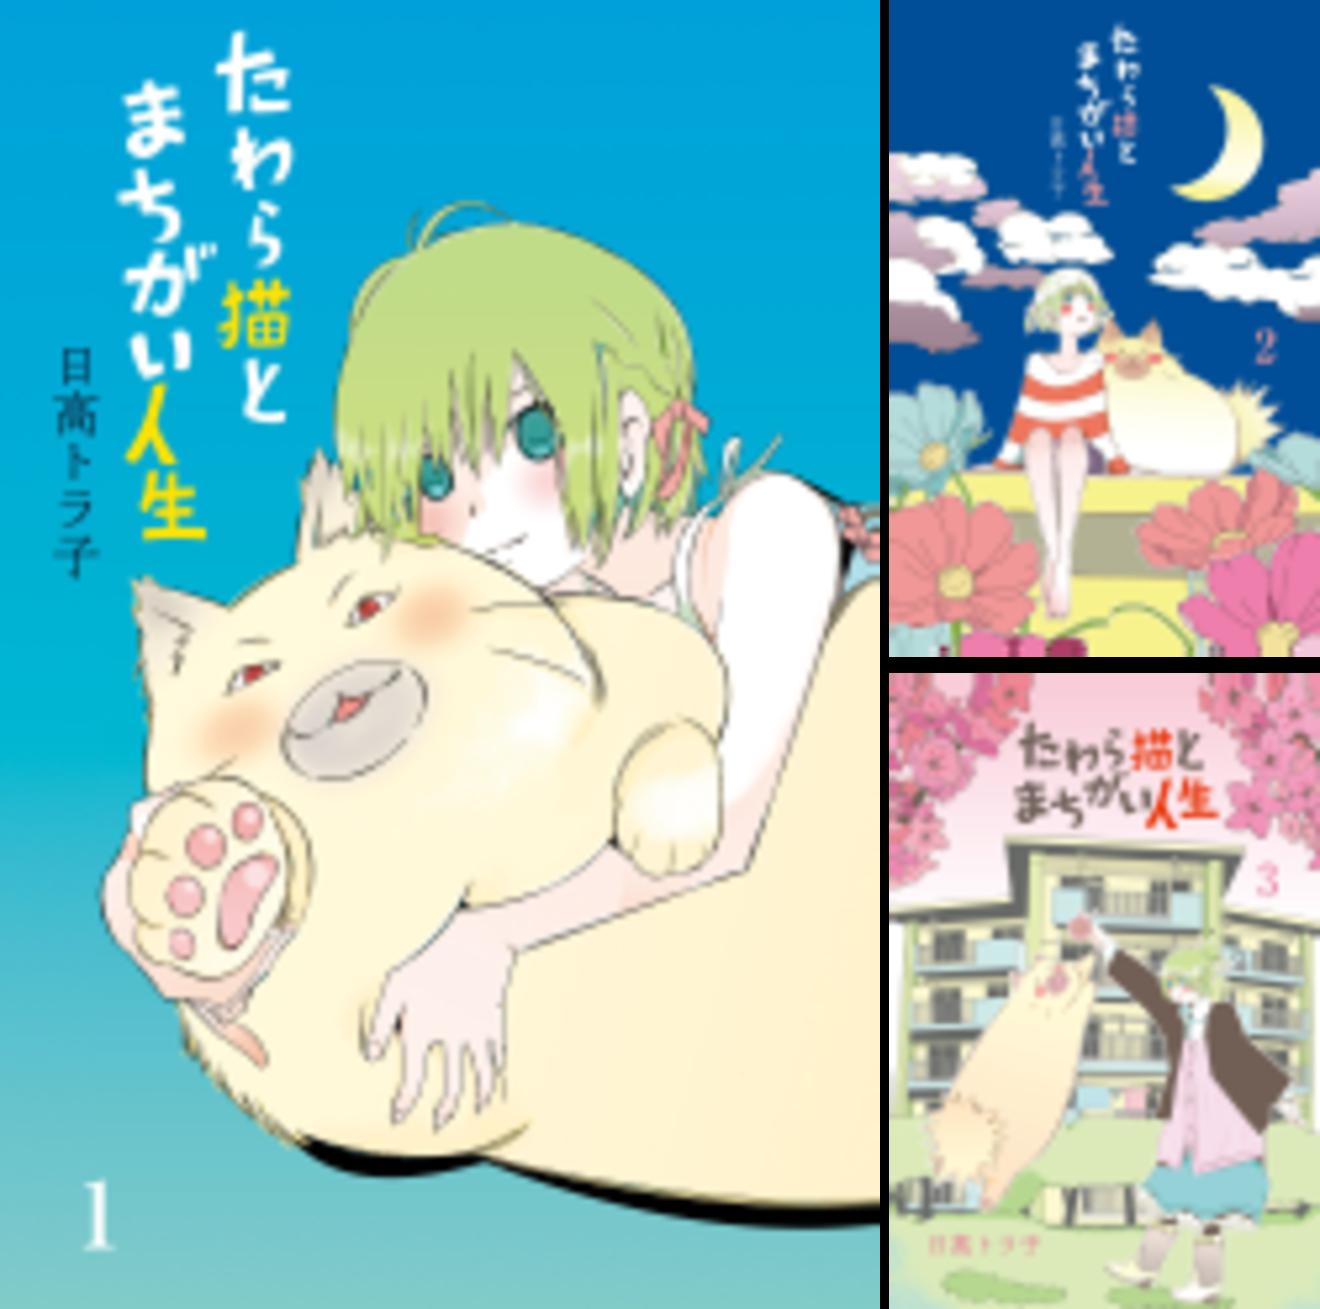 『たわら猫とまちがい人生』の不思議な魅力を全巻ネタバレ紹介!【無料漫画】